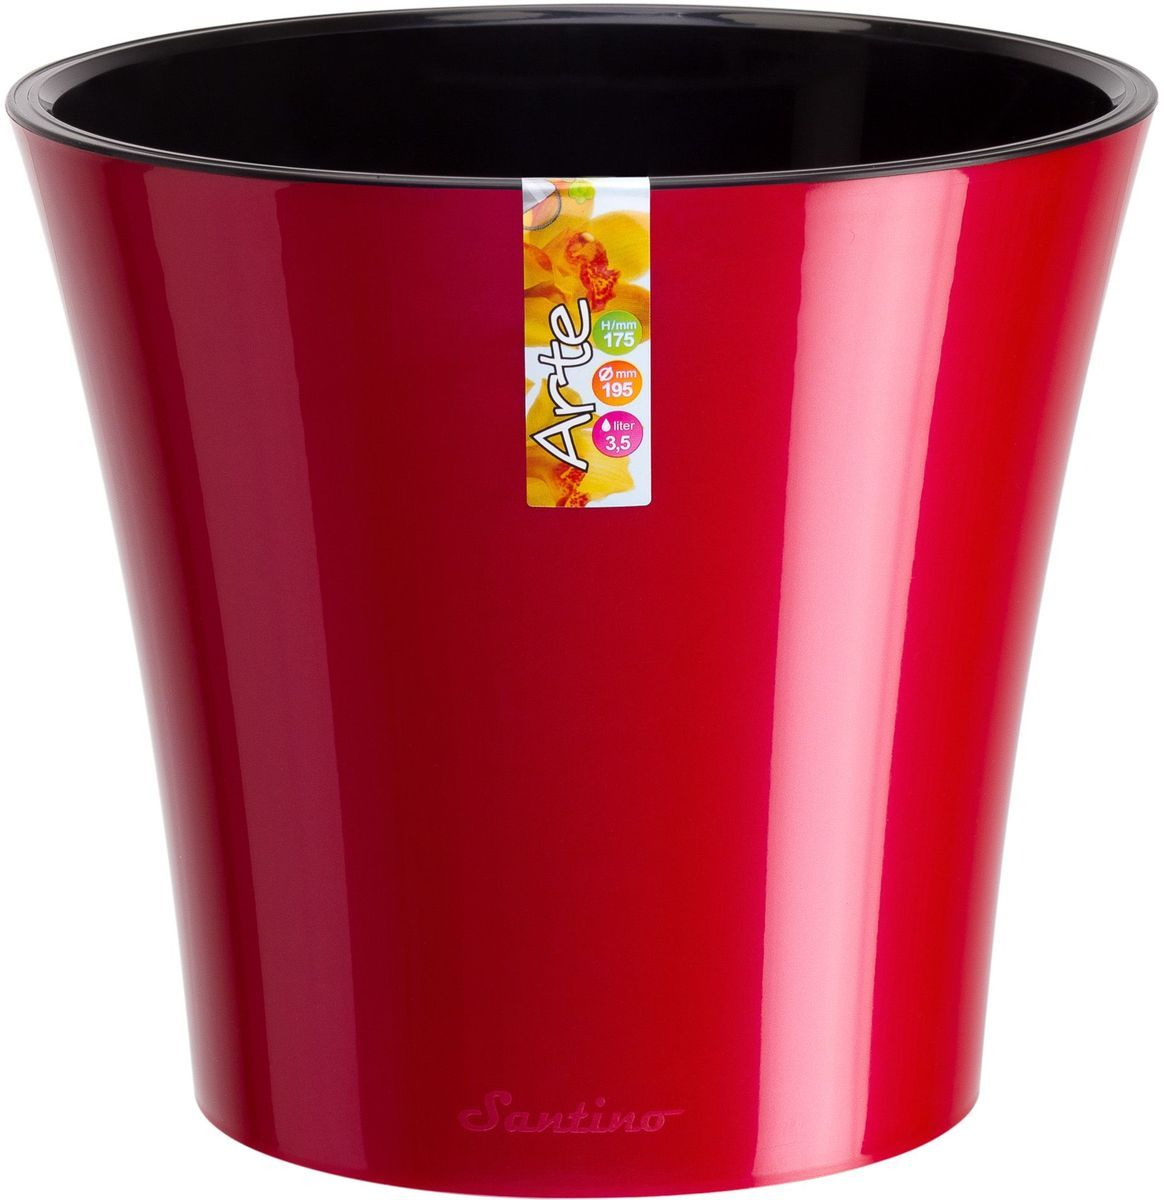 Горшок цветочный Santino Арте, двойной, с системой автополива, цвет: красный, черный, 2 л531-401Горшок цветочный Santino Арте снабжен дренажной системой и состоит из кашпо и вазона-вкладыша. Изготовлен из пластика. Особенность: тарелочка или блюдце не нужны. Горшок предназначен для любых растений или цветов. Цветочный дренаж – это система, которая позволяет выводить лишнюю влагу через корневую систему цветка и слой почвы. Растение – это живой организм, следовательно, ему необходимо дышать. В доступе к кислороду нуждаются все части растения: -листья; -корневая система. Если цветовод по какой-либо причине зальет цветок водой, то она буквально вытеснит из почвенного слоя все пузырьки кислорода. Анаэробная среда способствует развитию различного рода бактерий. Безвоздушная среда приводит к загниванию корневой системы, цветок в результате увядает. Суть работы дренажной системы заключается в том, чтобы осуществлять отвод лишней влаги от растения и давать возможность корневой системе дышать без проблем. Следовательно, каждому цветку необходимо: -иметь в основании цветочного горшочка хотя бы одно небольшое дренажное отверстие. Оно необходимо для того, чтобы через него выходила лишняя вода, плюс ко всему это отверстие дает возможность циркулировать воздух. -на самом дне горшка необходимо выложить слоем в 2-5 см (зависит от вида растения) дренаж.УВАЖАЕМЫЕ КЛИЕНТЫ!Обращаем ваше внимание на тот факт, что фото изделия служит для визуального восприятия товара. Литраж и размеры, представленные на этикетке товара, могут по факту отличаться от реальных. Корректные данные в поле Размеры.